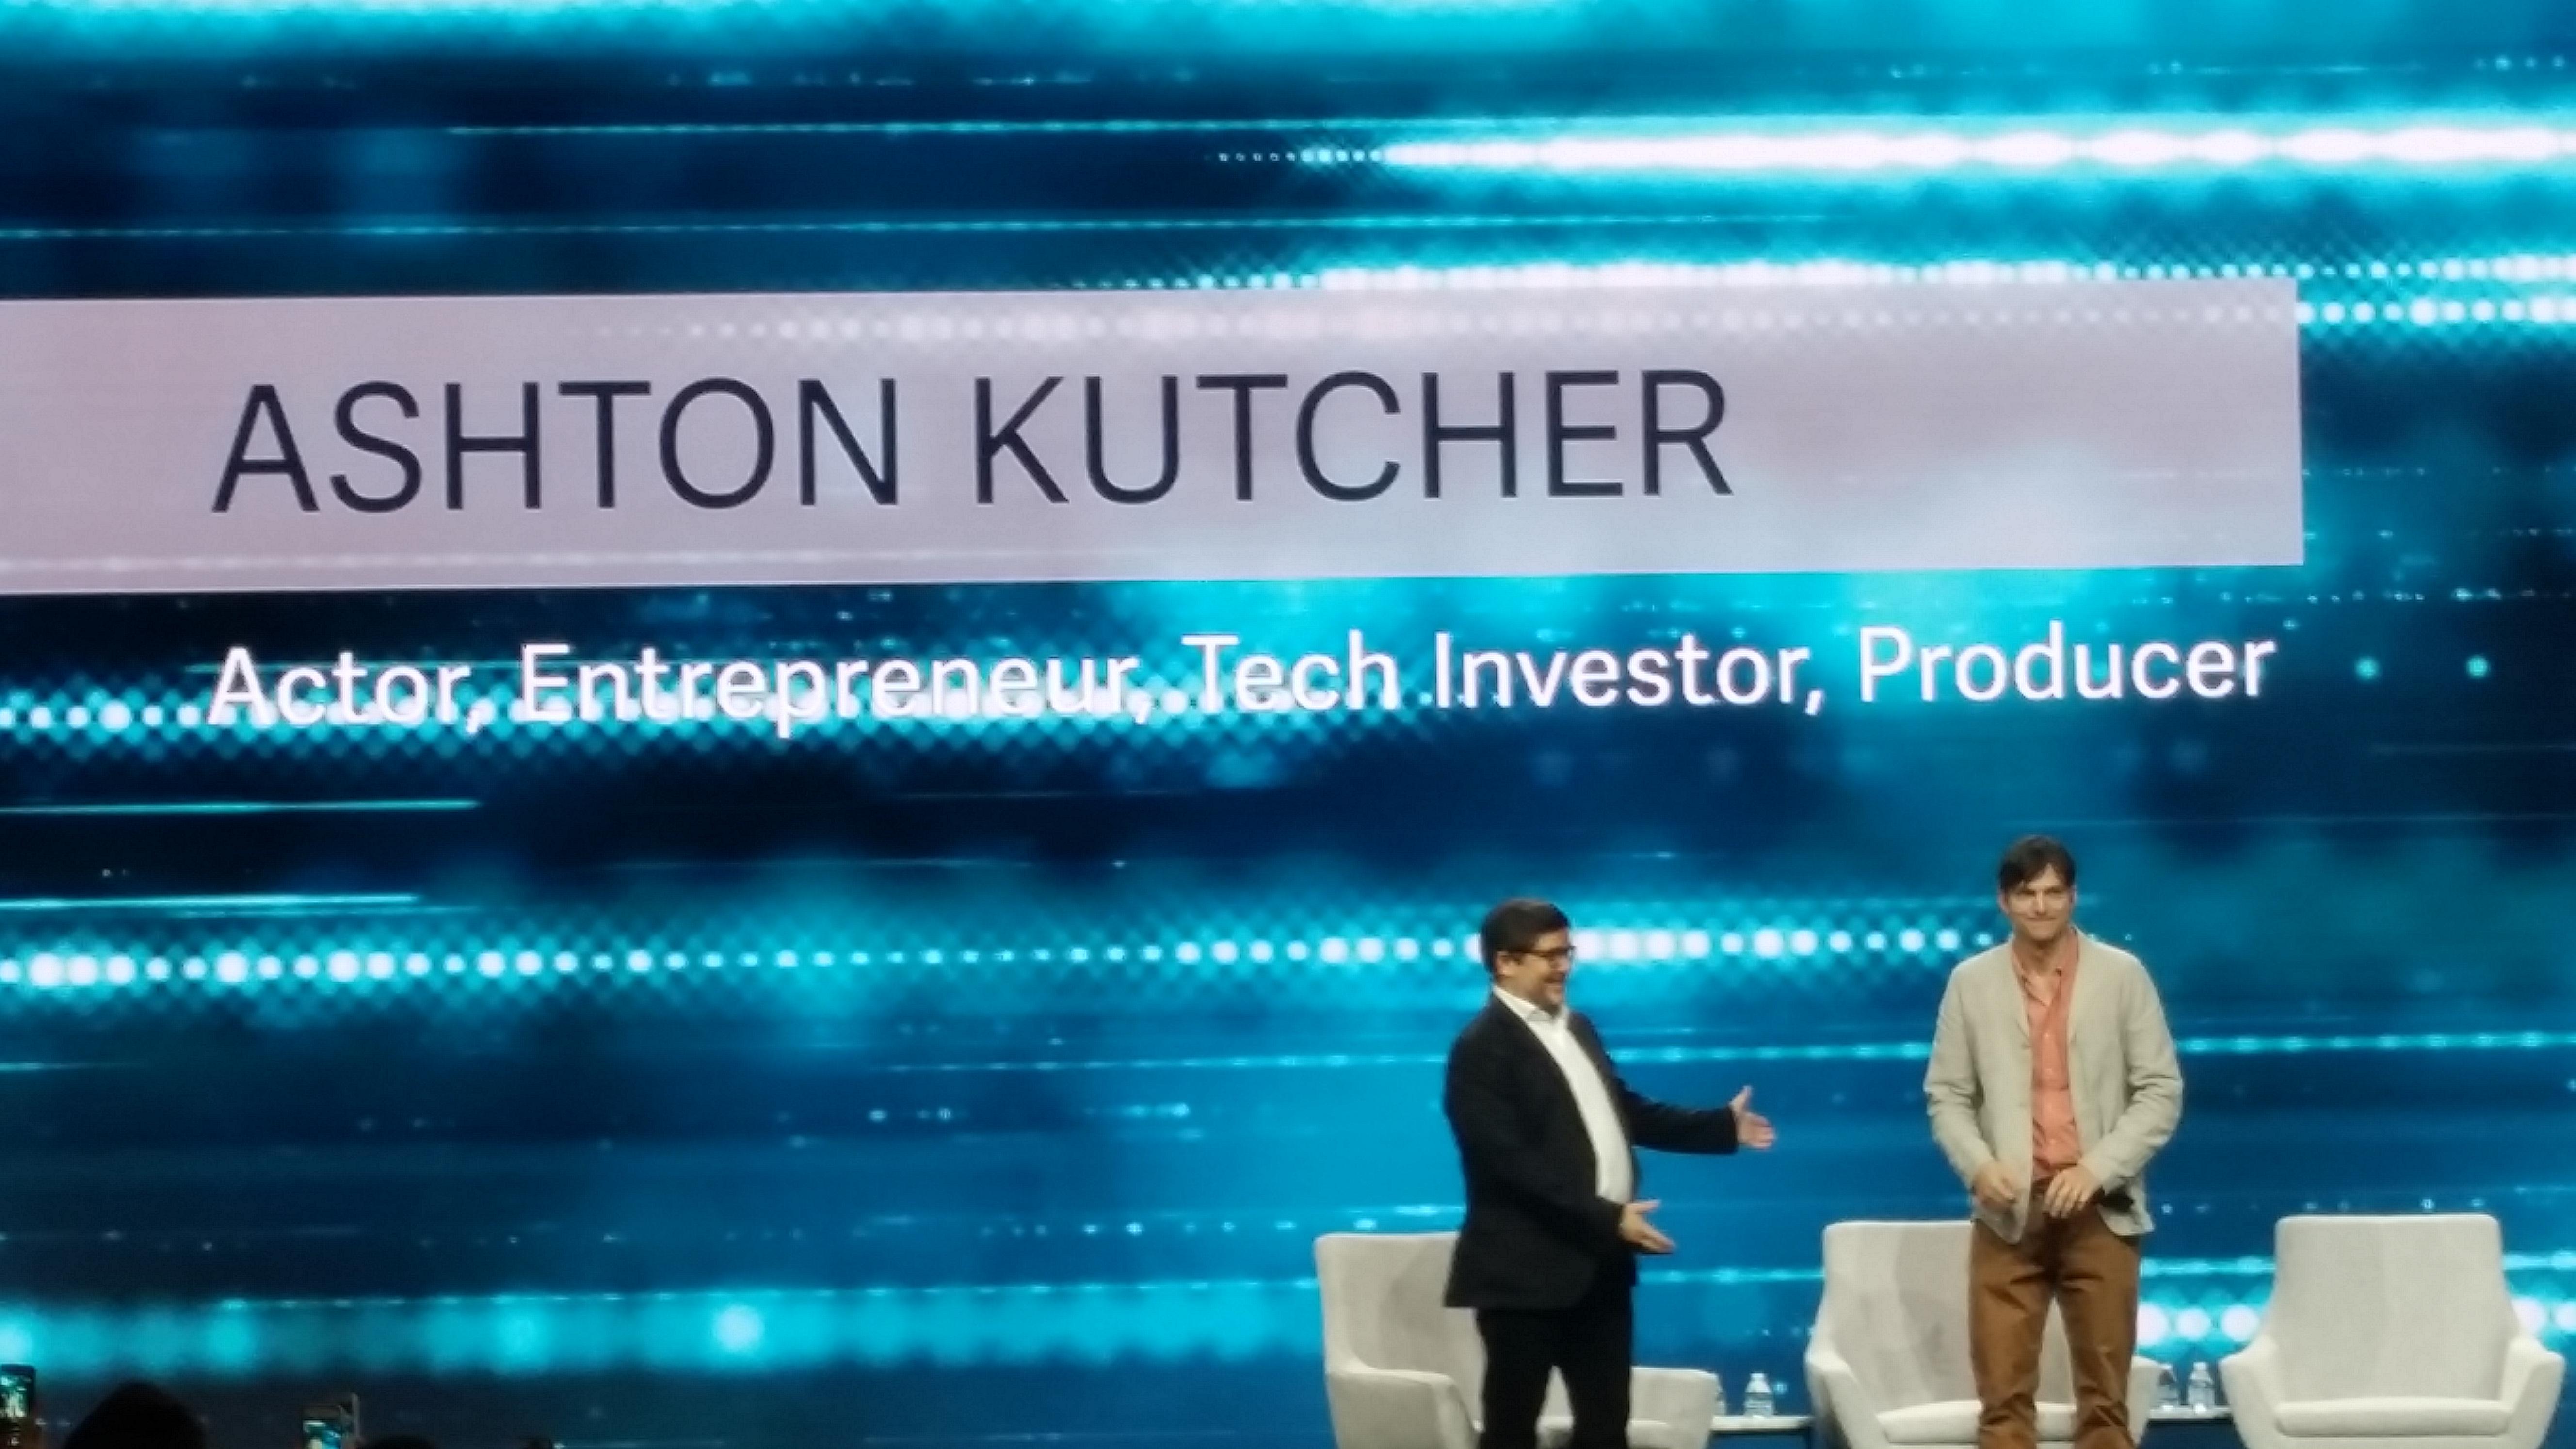 Ashton Kutcher?s fascinating transition from TV prankster to respected investor